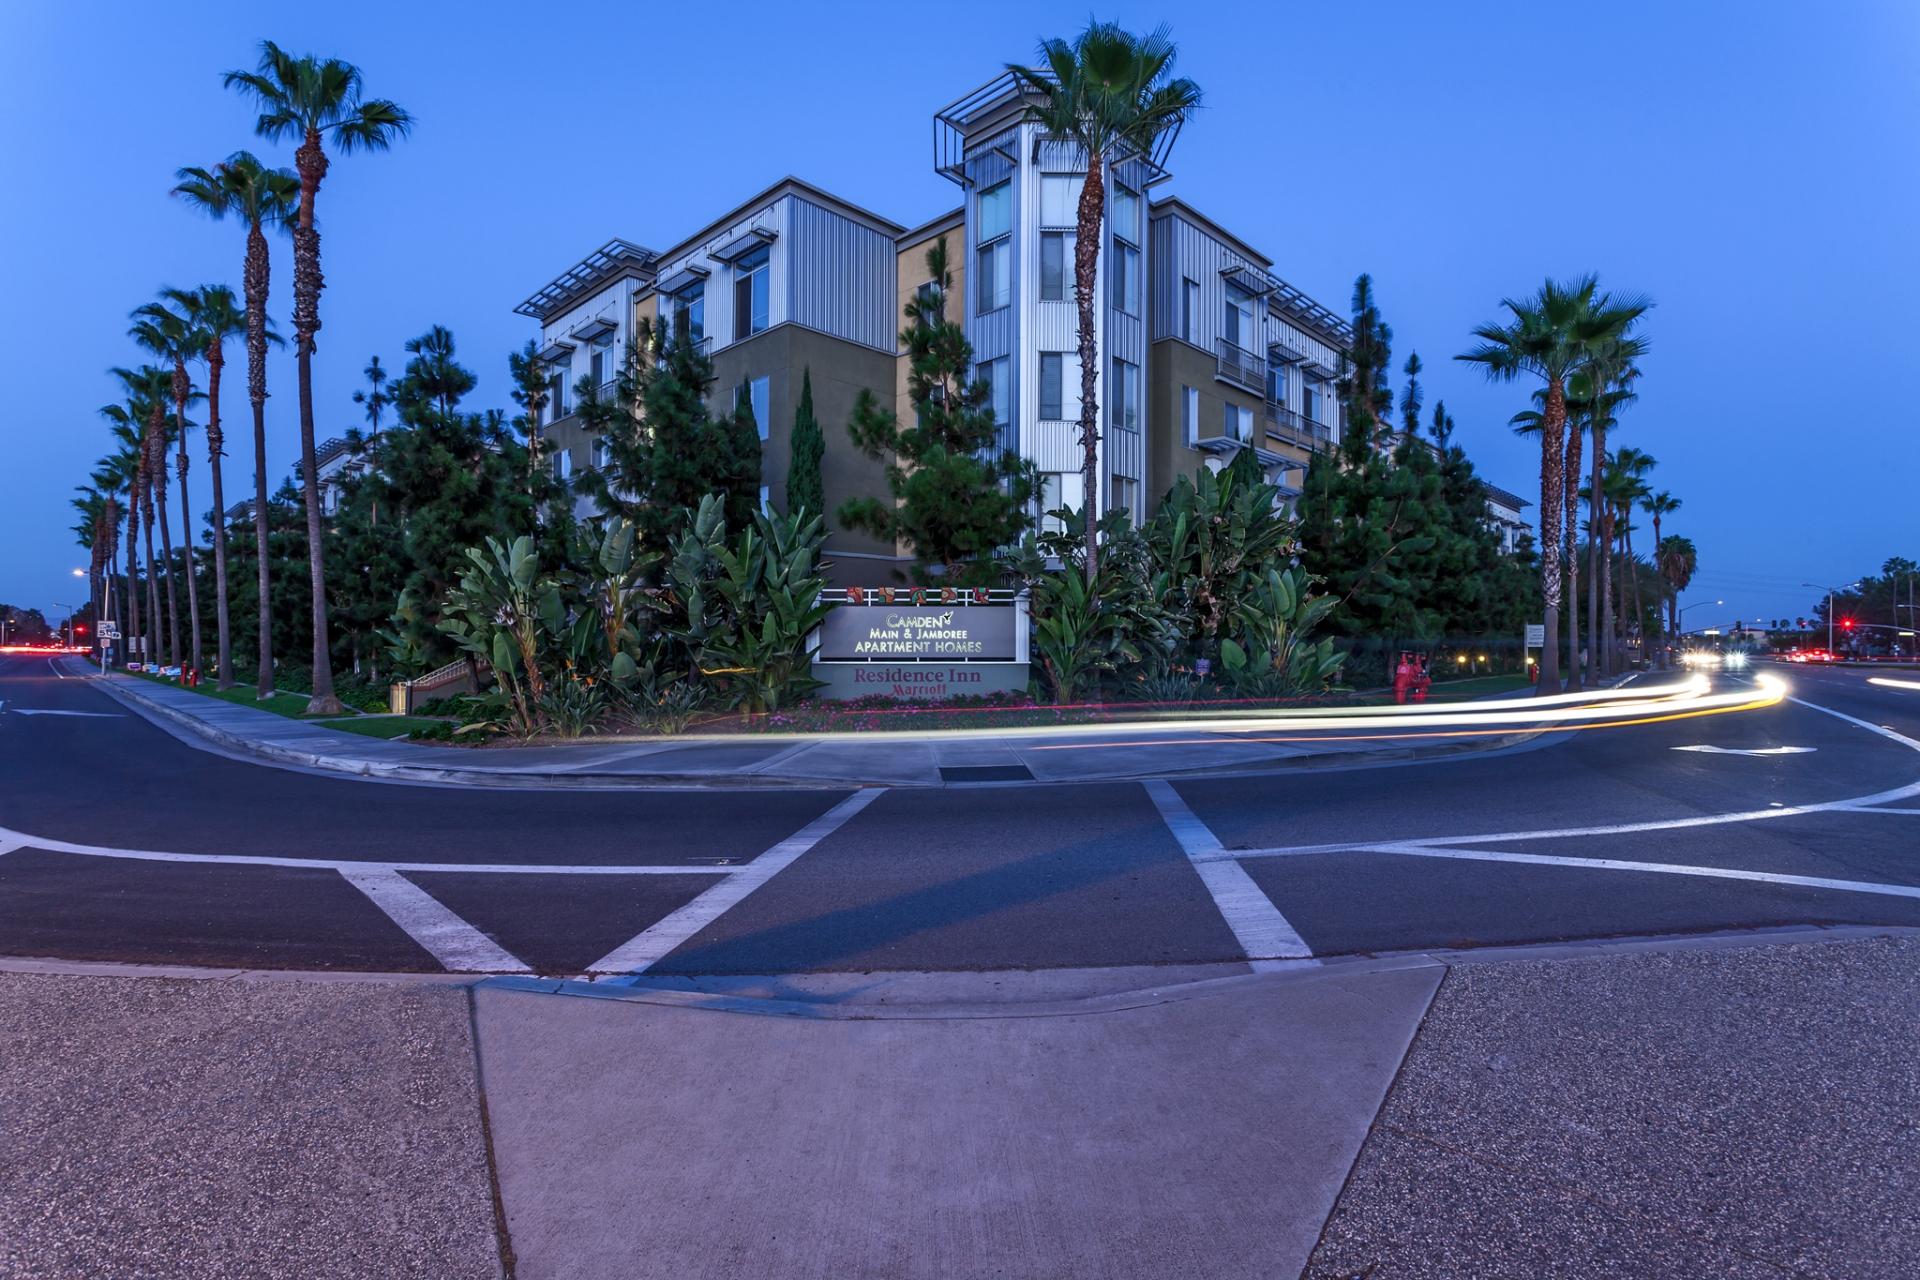 Camden Main and Jamboree Apartments image 40